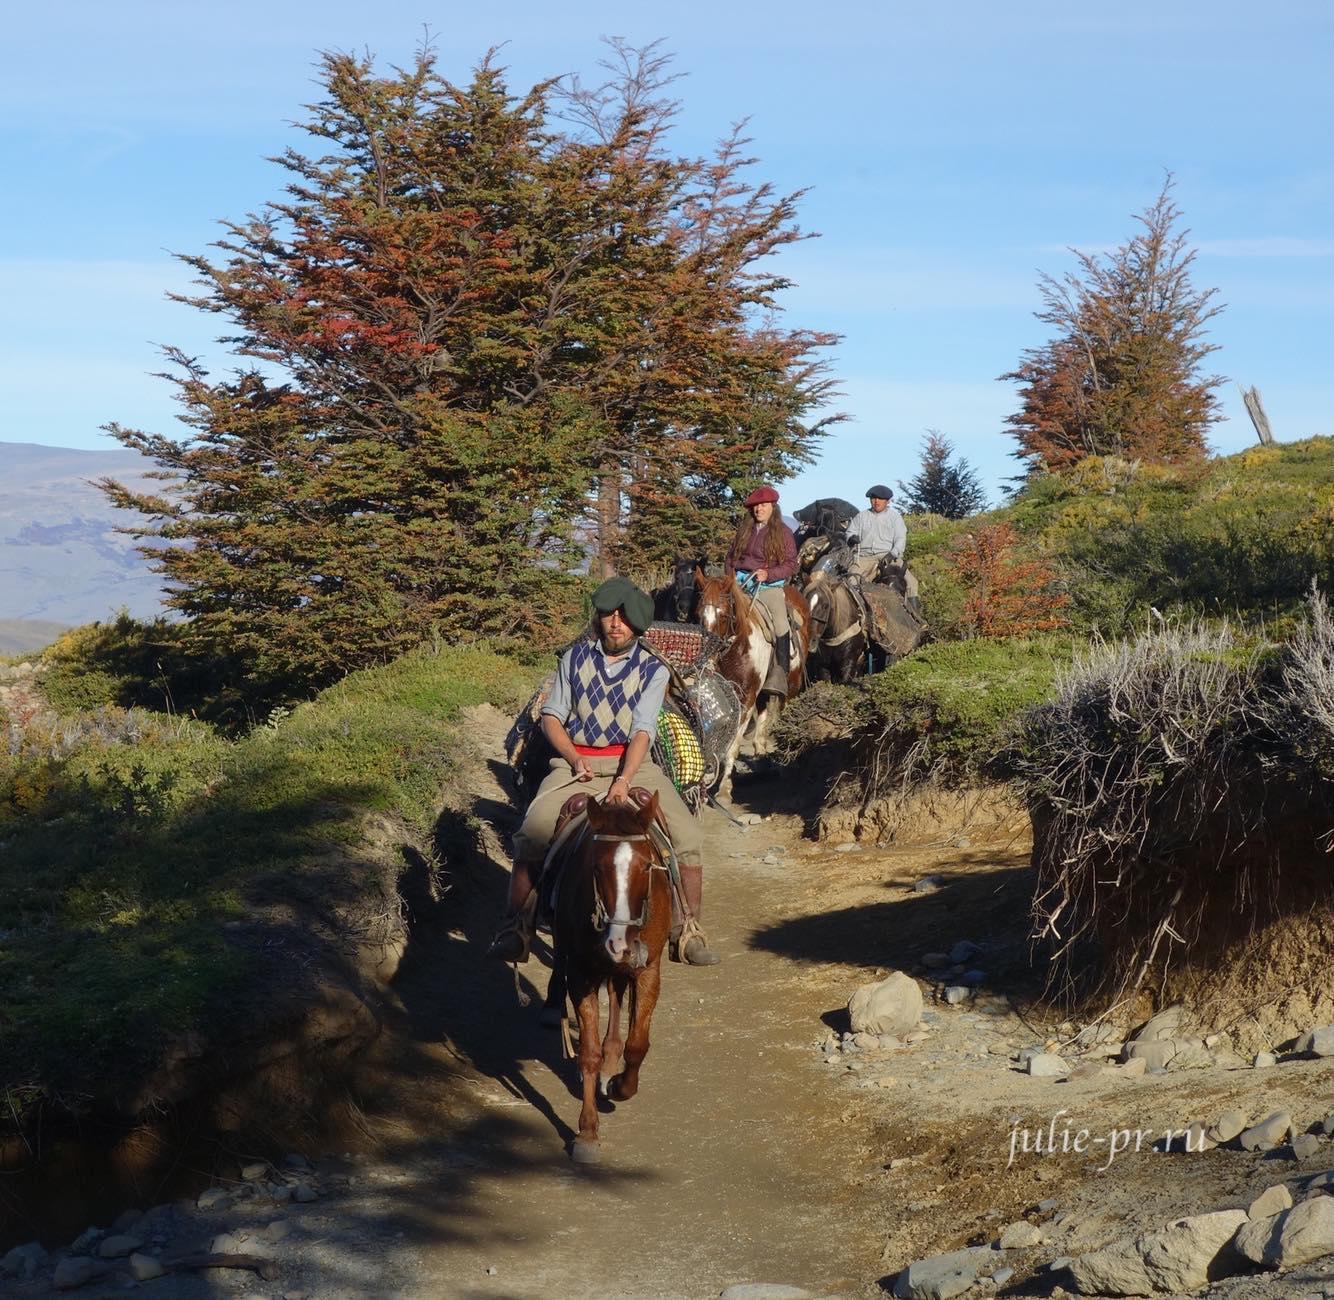 Чили, Патагония, Торрес-дель-Пайне, лошади